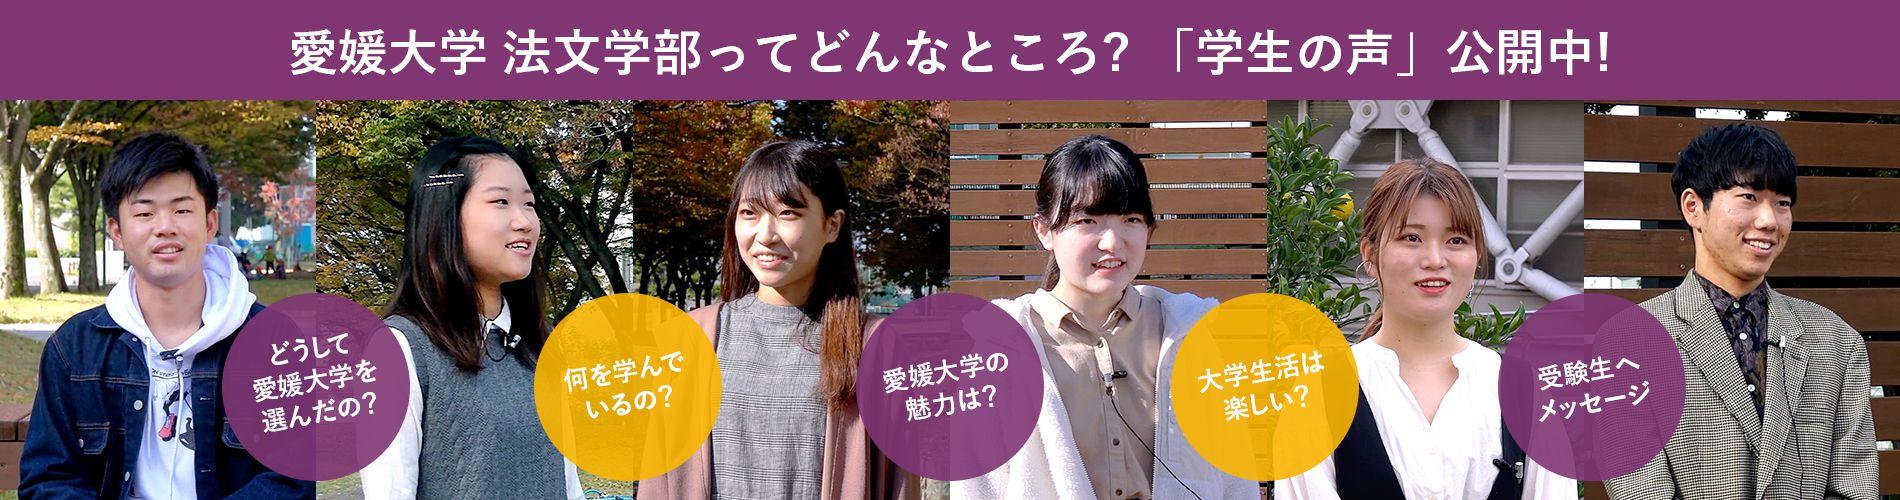 愛媛大学法文学部ってどんなところ?「学生の声」公開中!